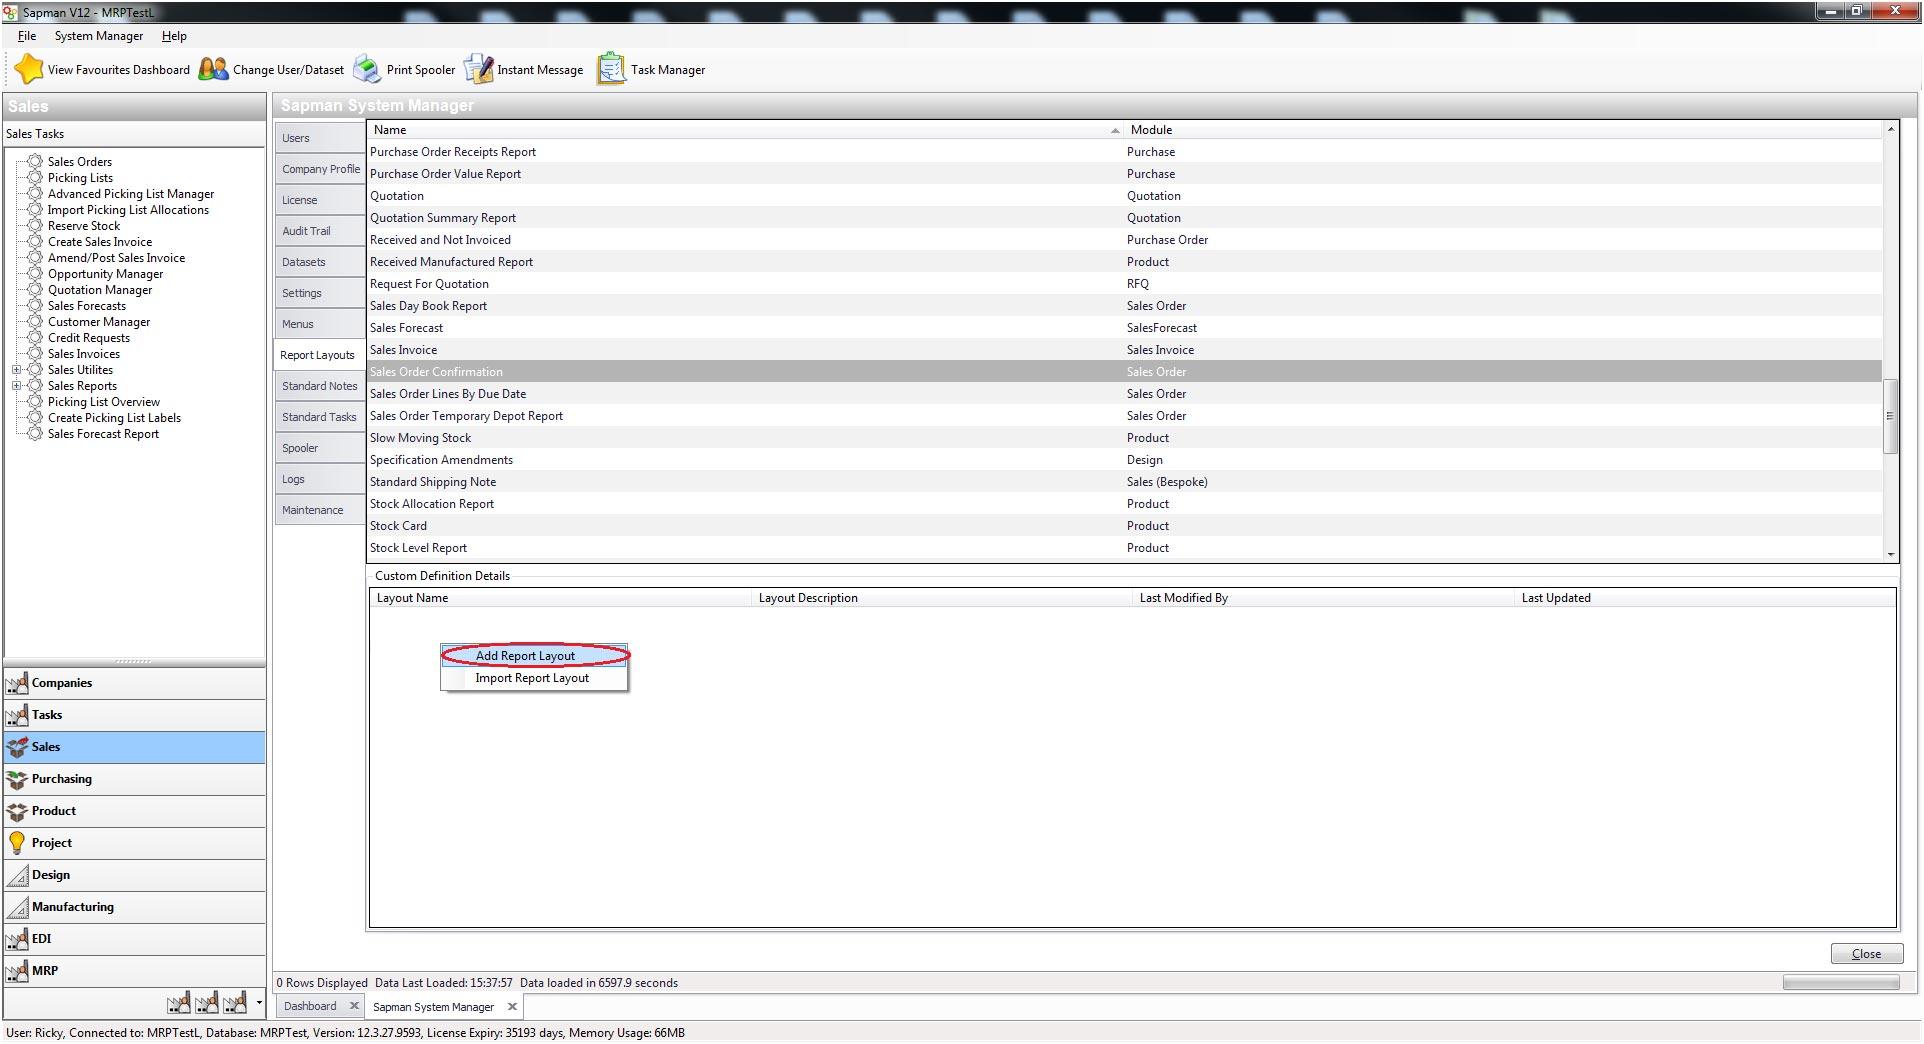 Sapman v12 Import V12 Report Layouts screen